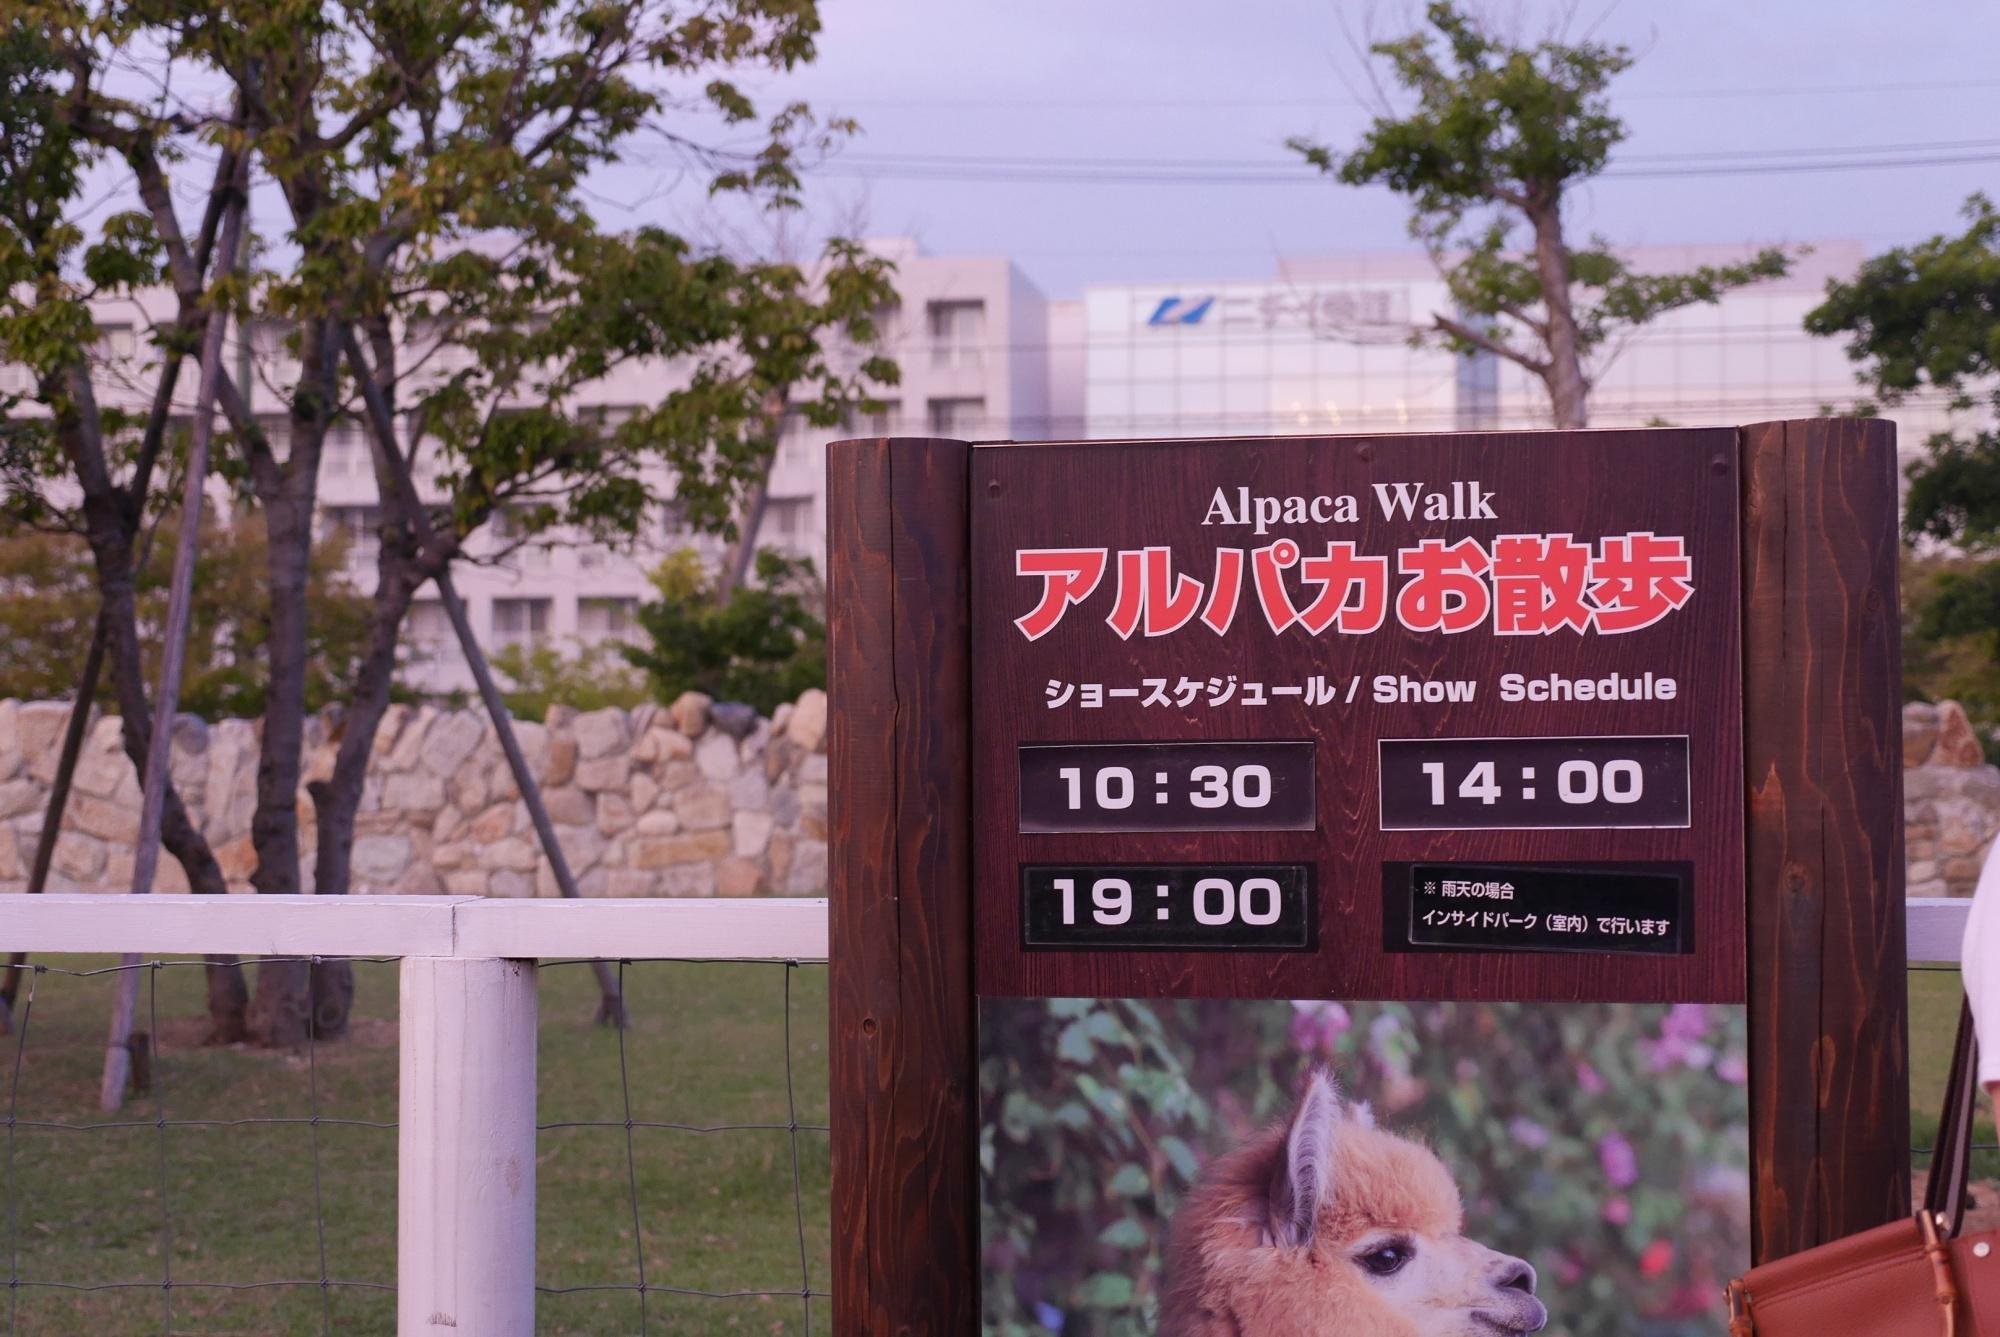 アルパカお散歩の時間